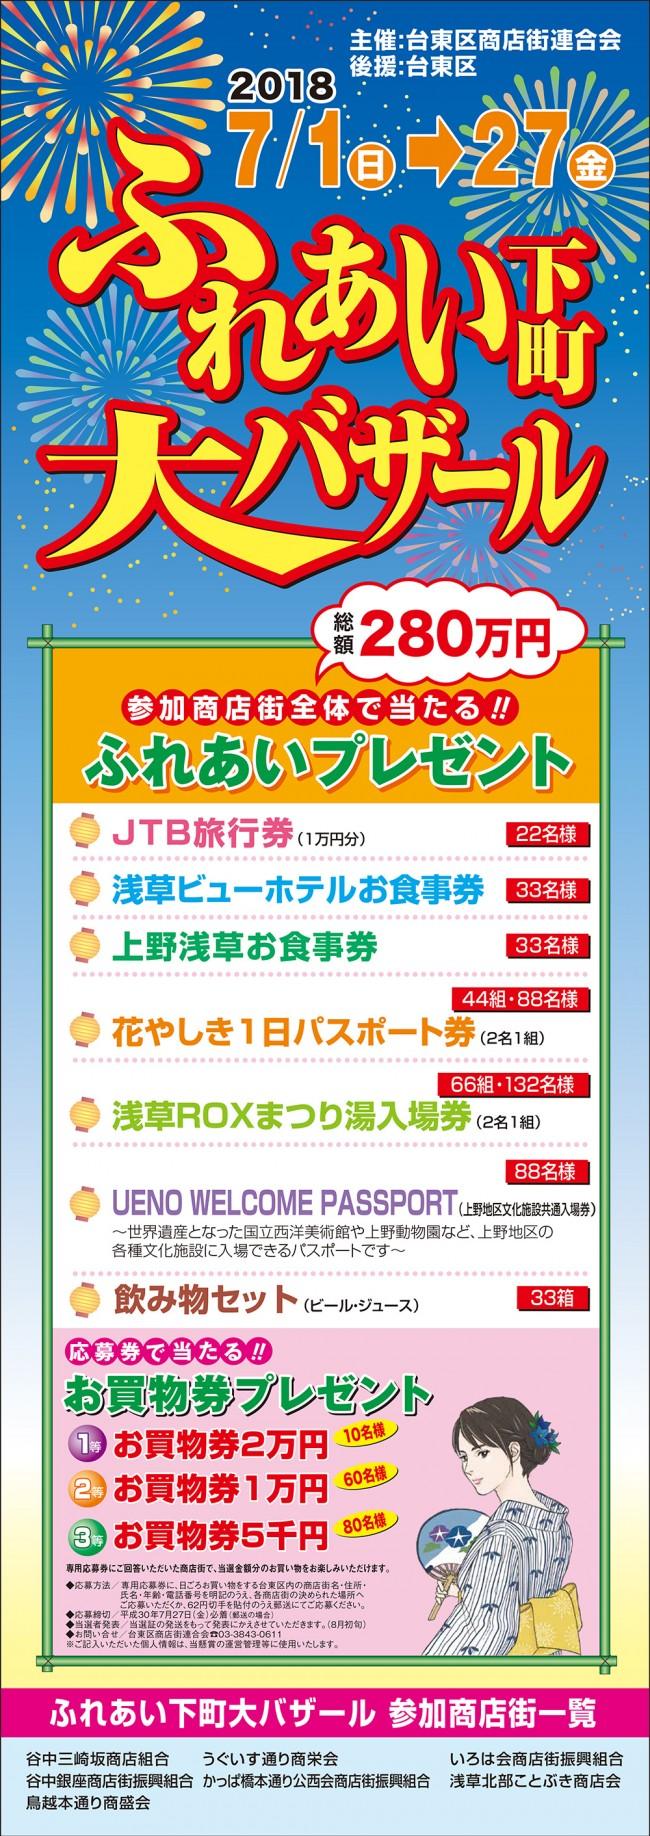 2018年度「ふれあい下町大バザール(中元期)」開催!! 2018.7.1〜7.27